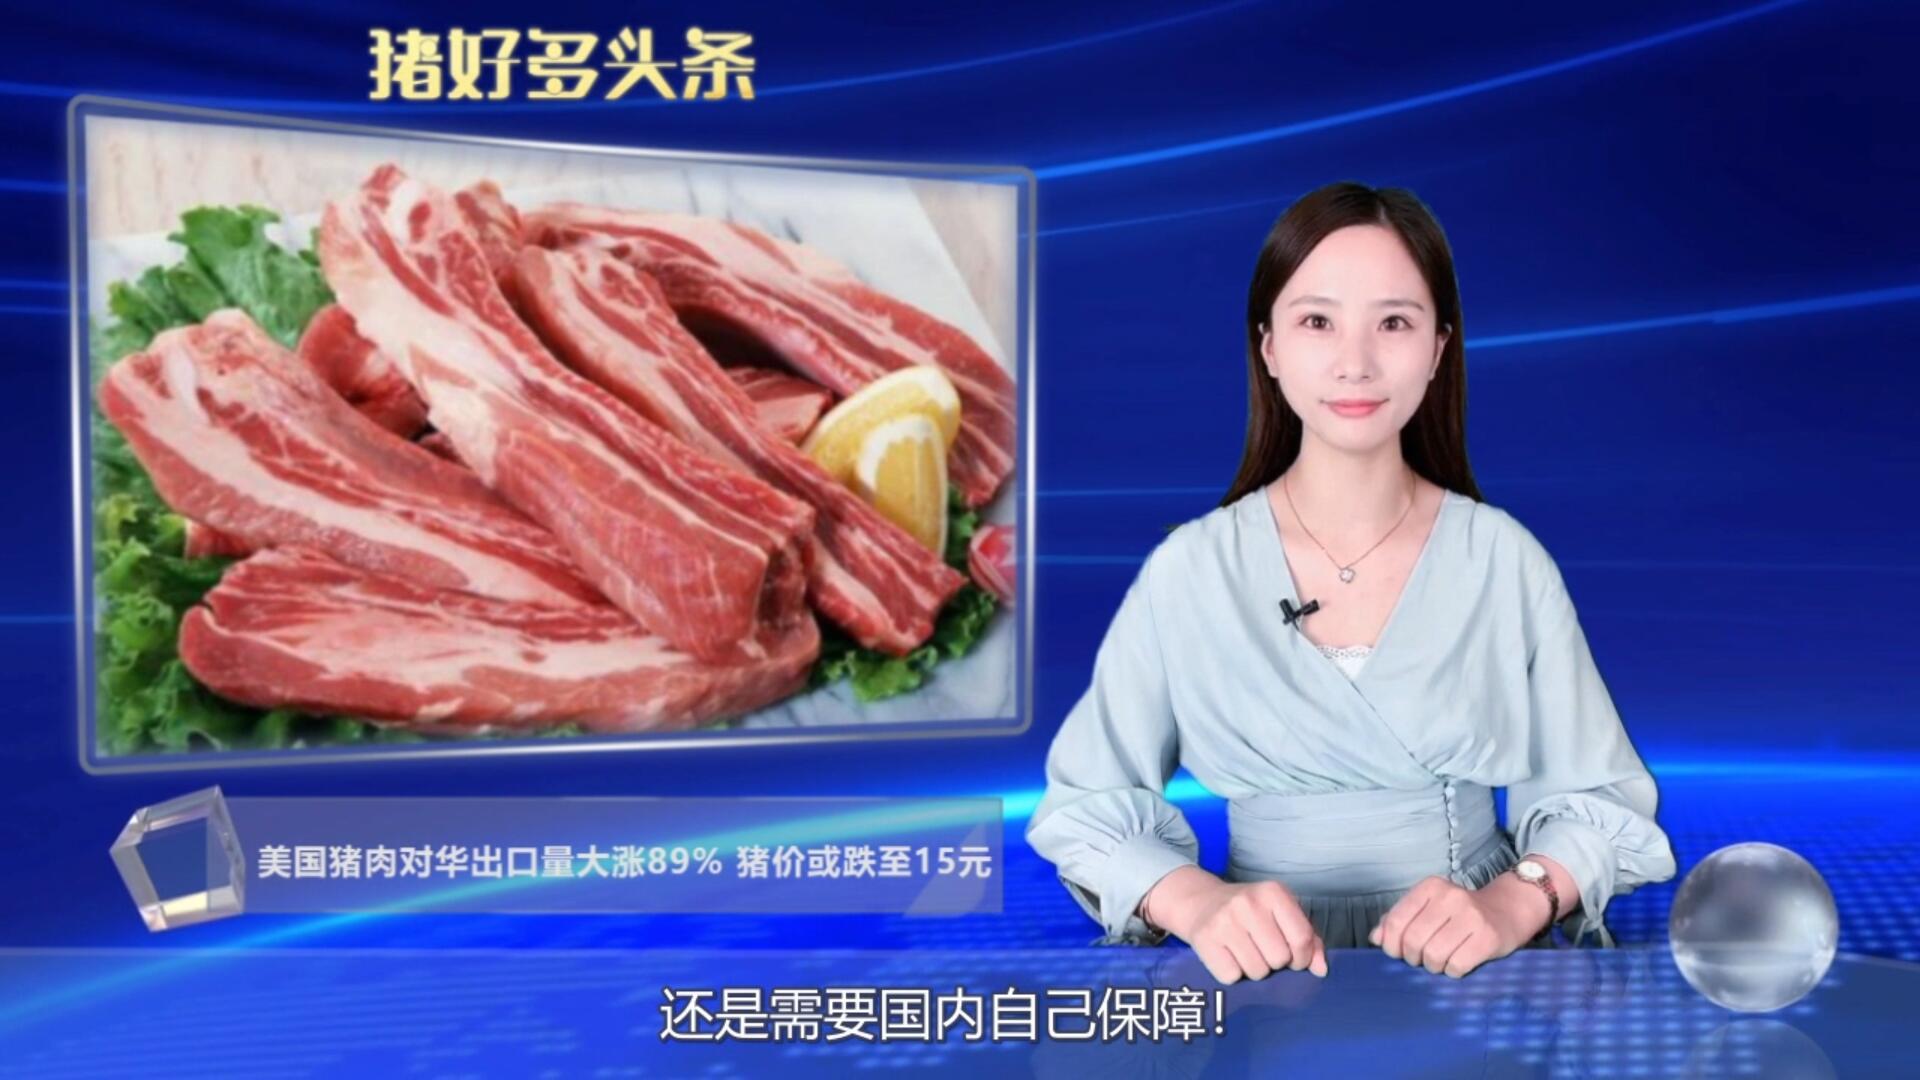 美国猪肉对华出口量大涨89%!专家:四季度猪价继续下行?